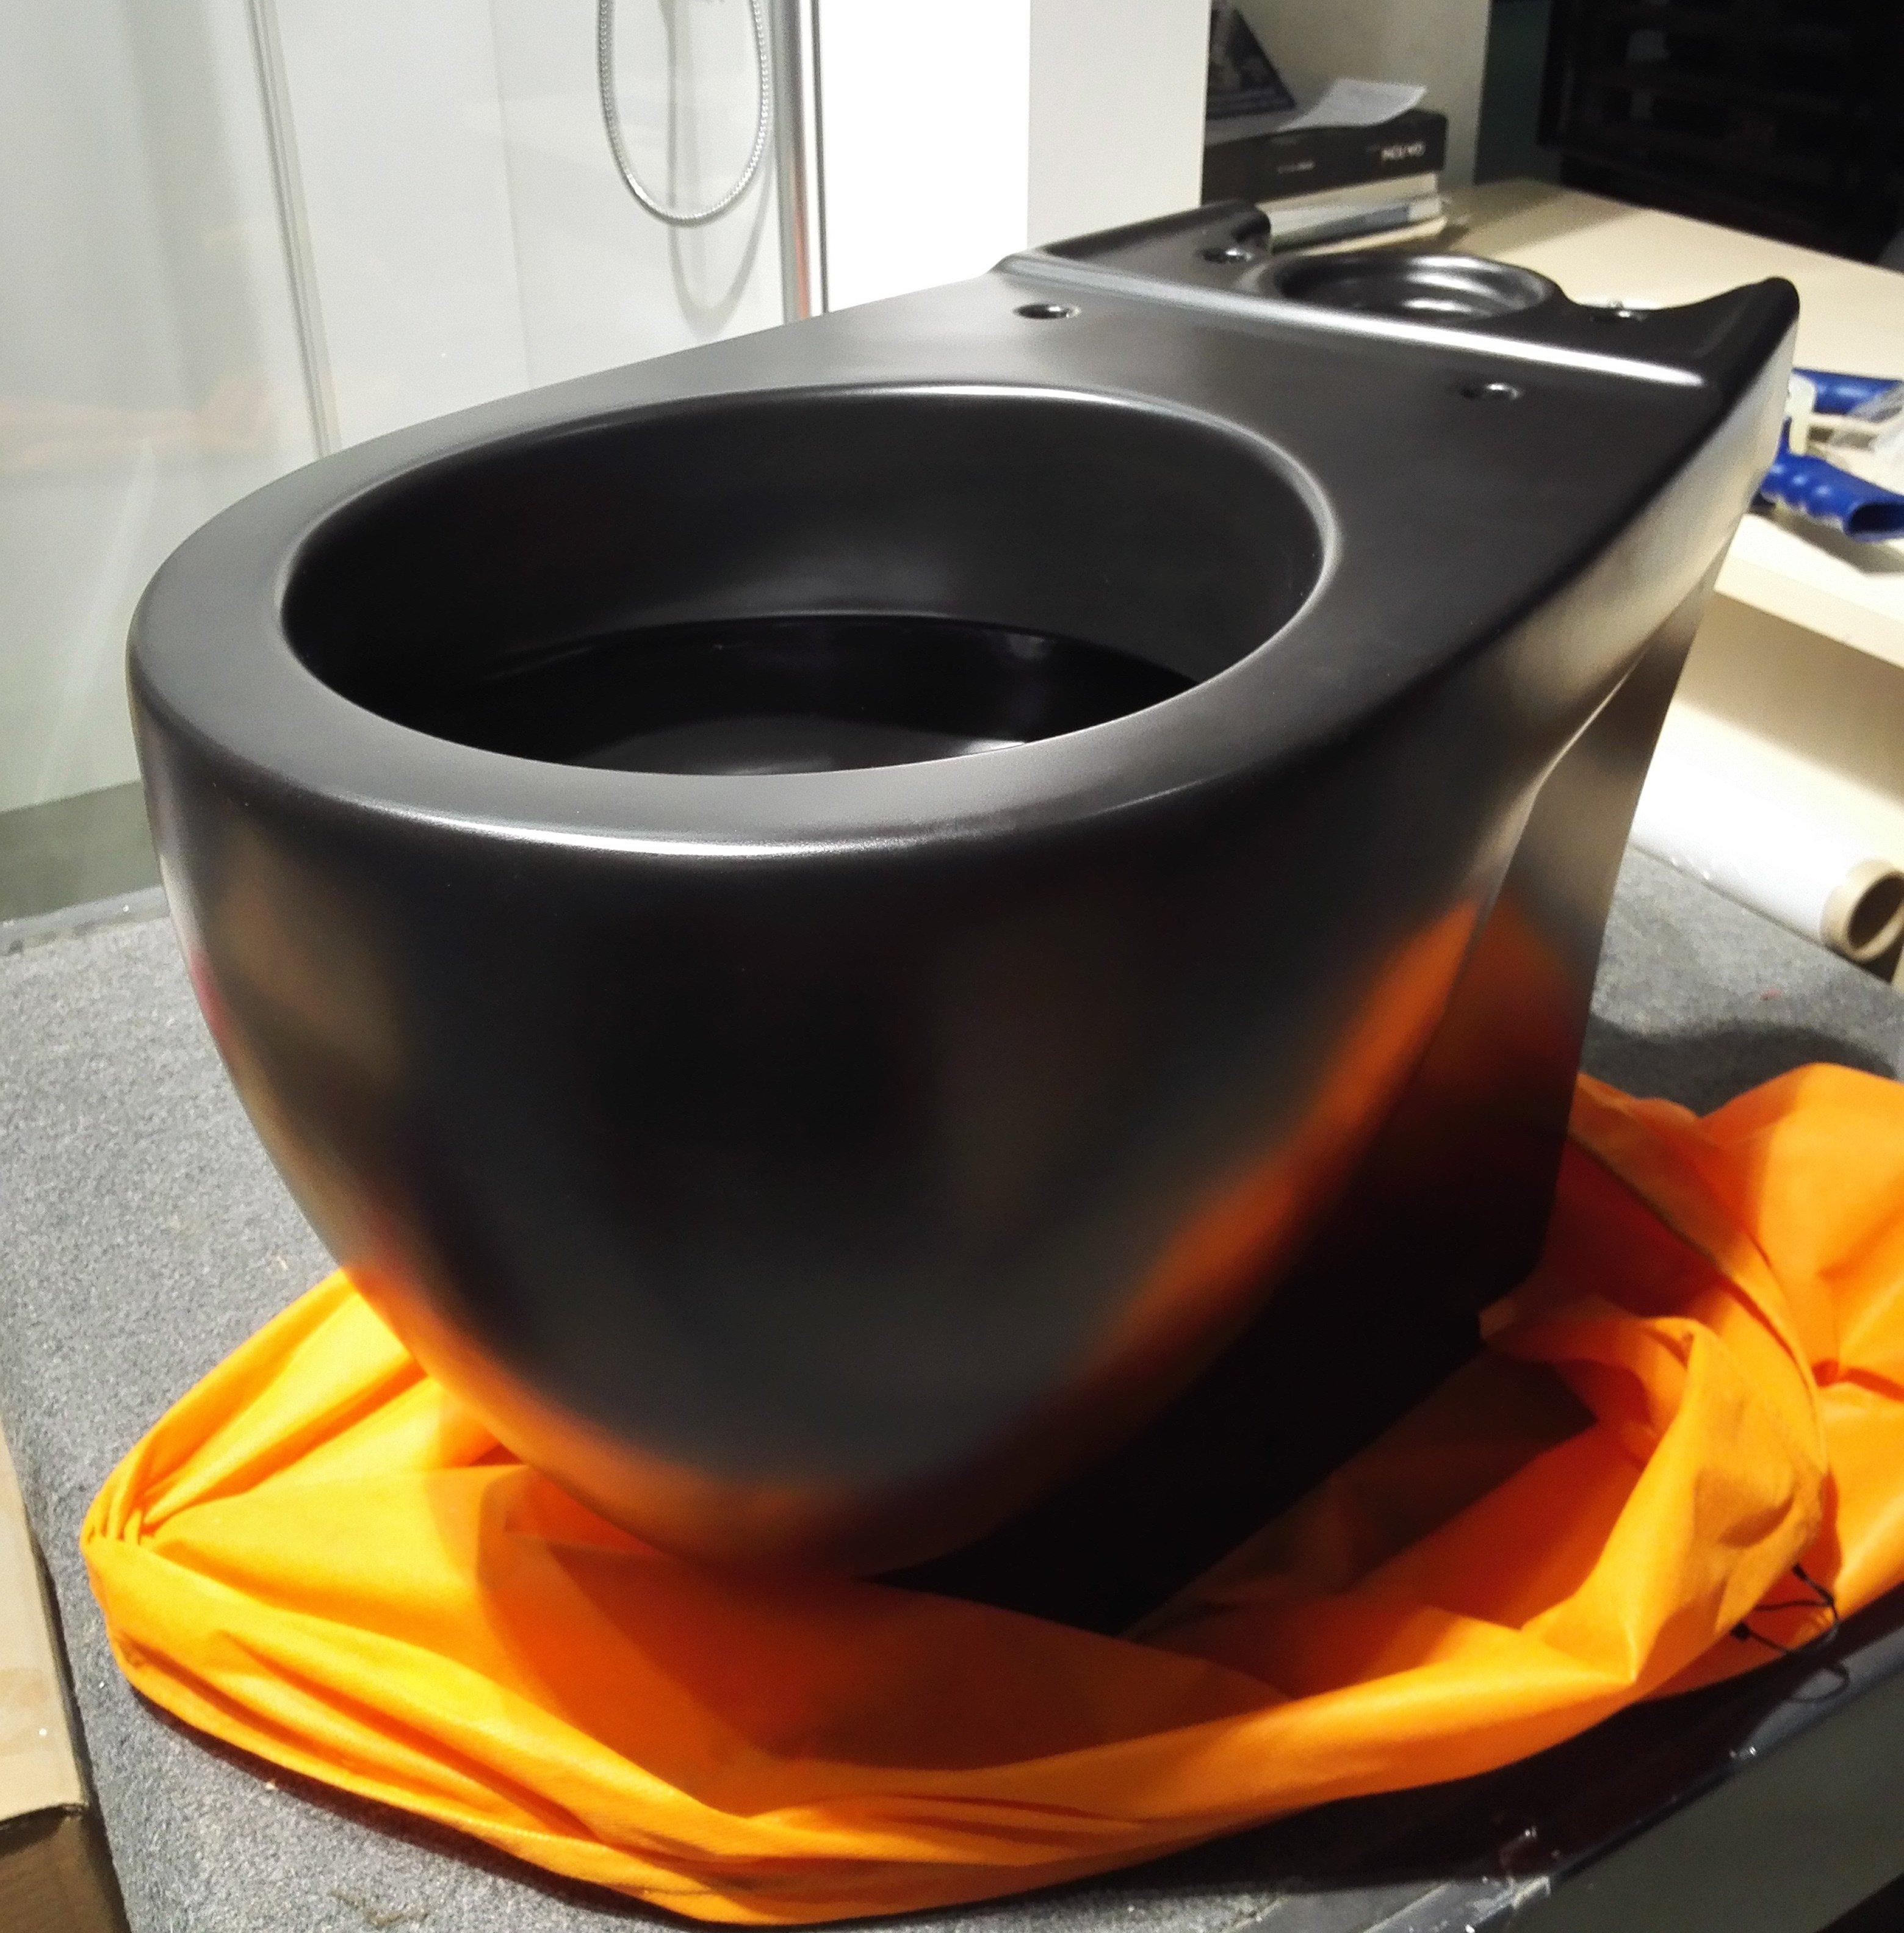 г. Москва: Globo Bowl дизайнерский напольный унитаз в матовом черном цвете